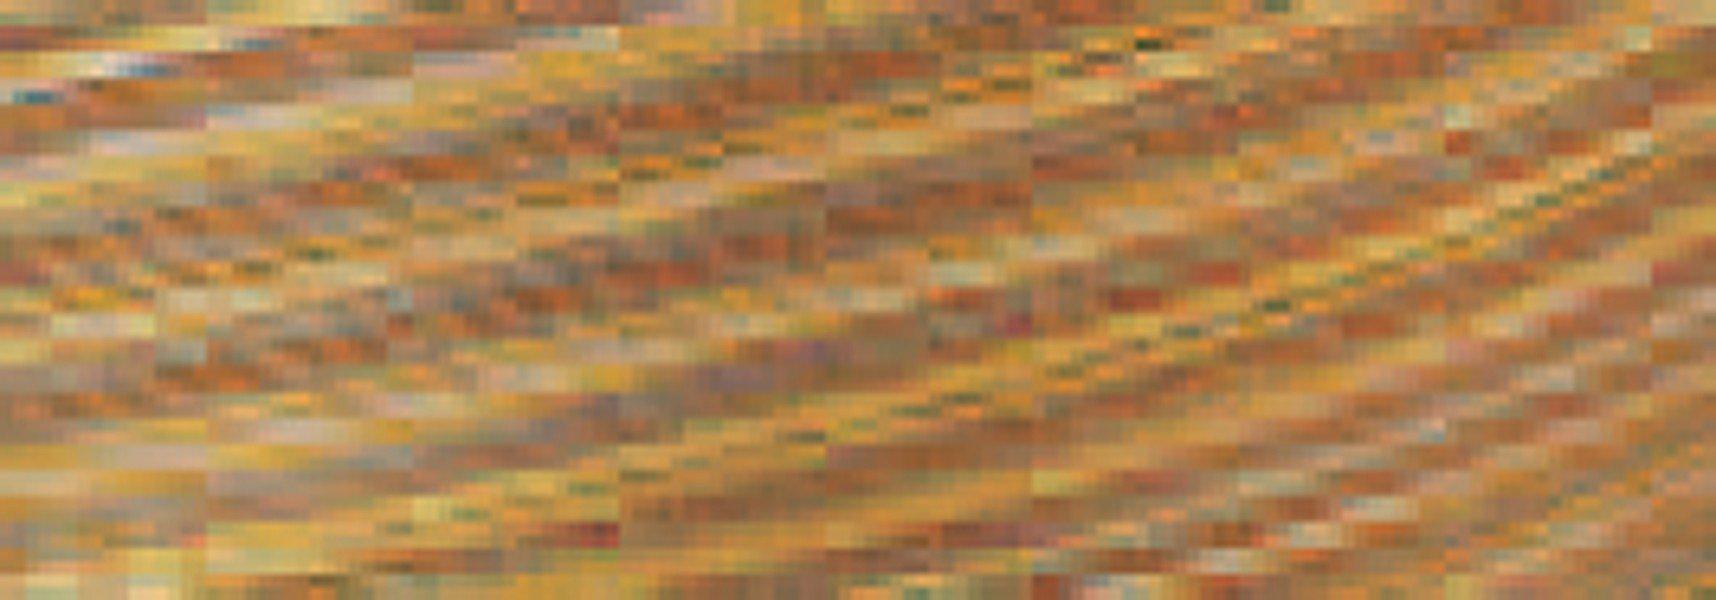 Cotton 40wt Thread 700yd - Variegated Golden Harvest